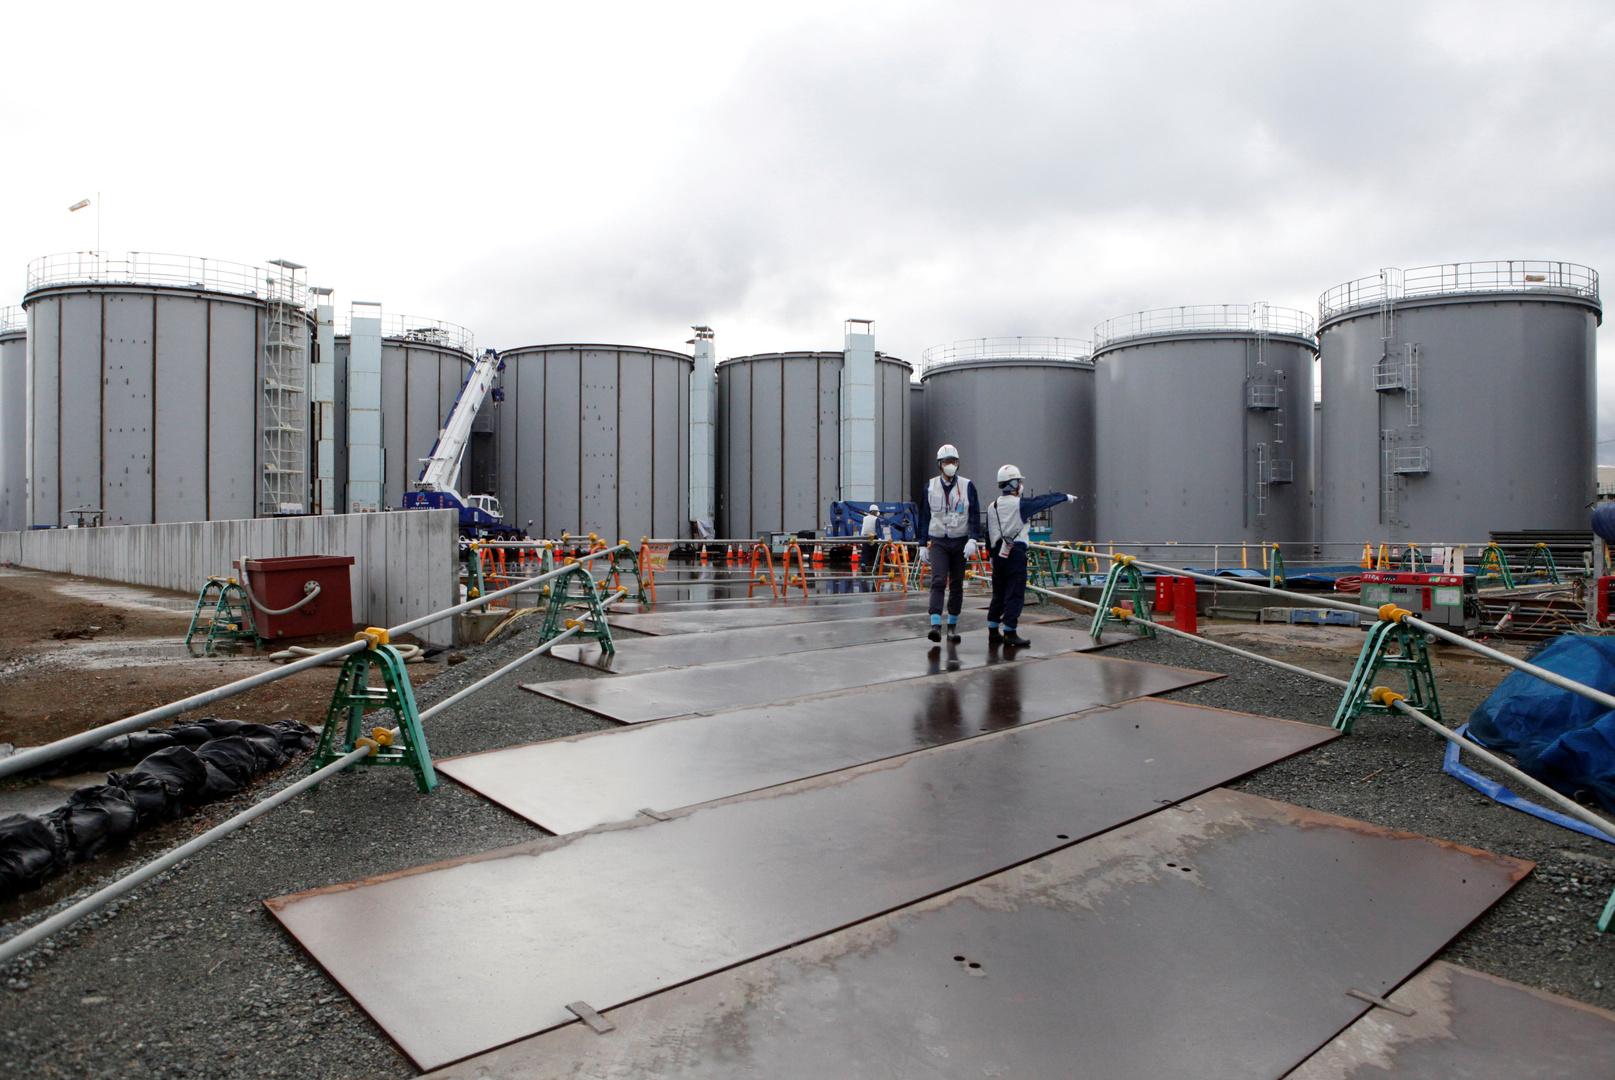 عمال يقفون بالقرب من صهاريج تخزين للمياه المشعة في محطة فوكوشيما دايتشي للطاقة النووية